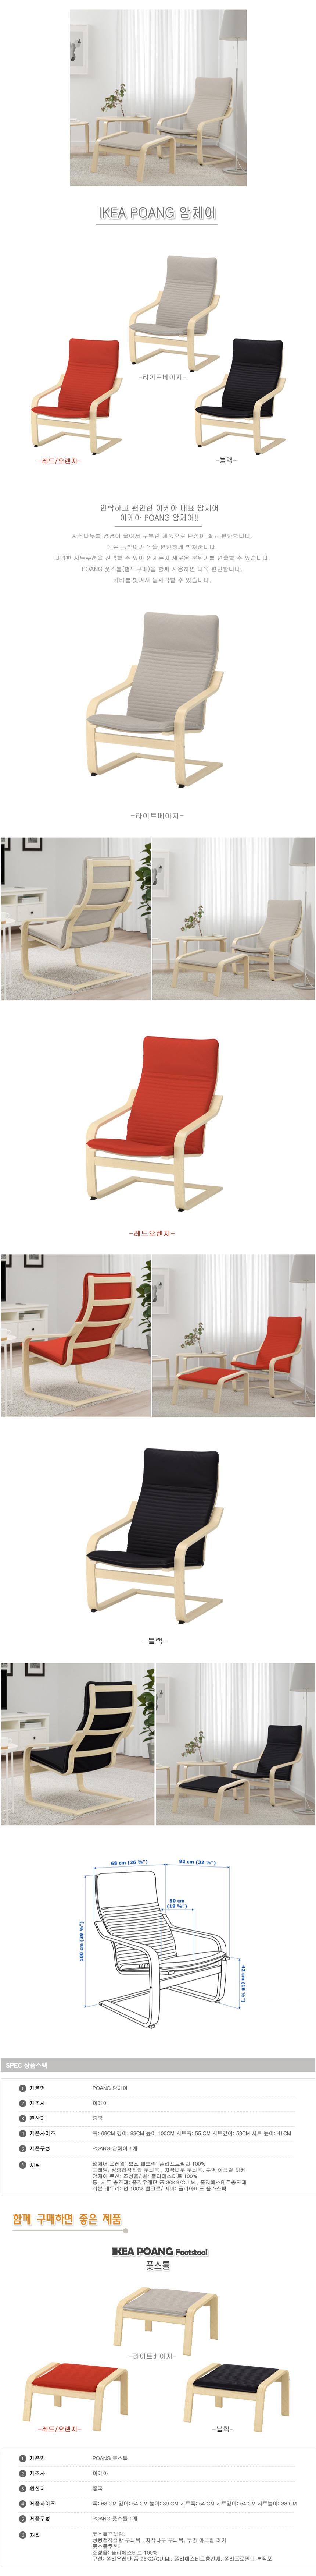 POANG 암체어 - 이케아, 112,800원, 디자인 의자, 컴포트/암체어